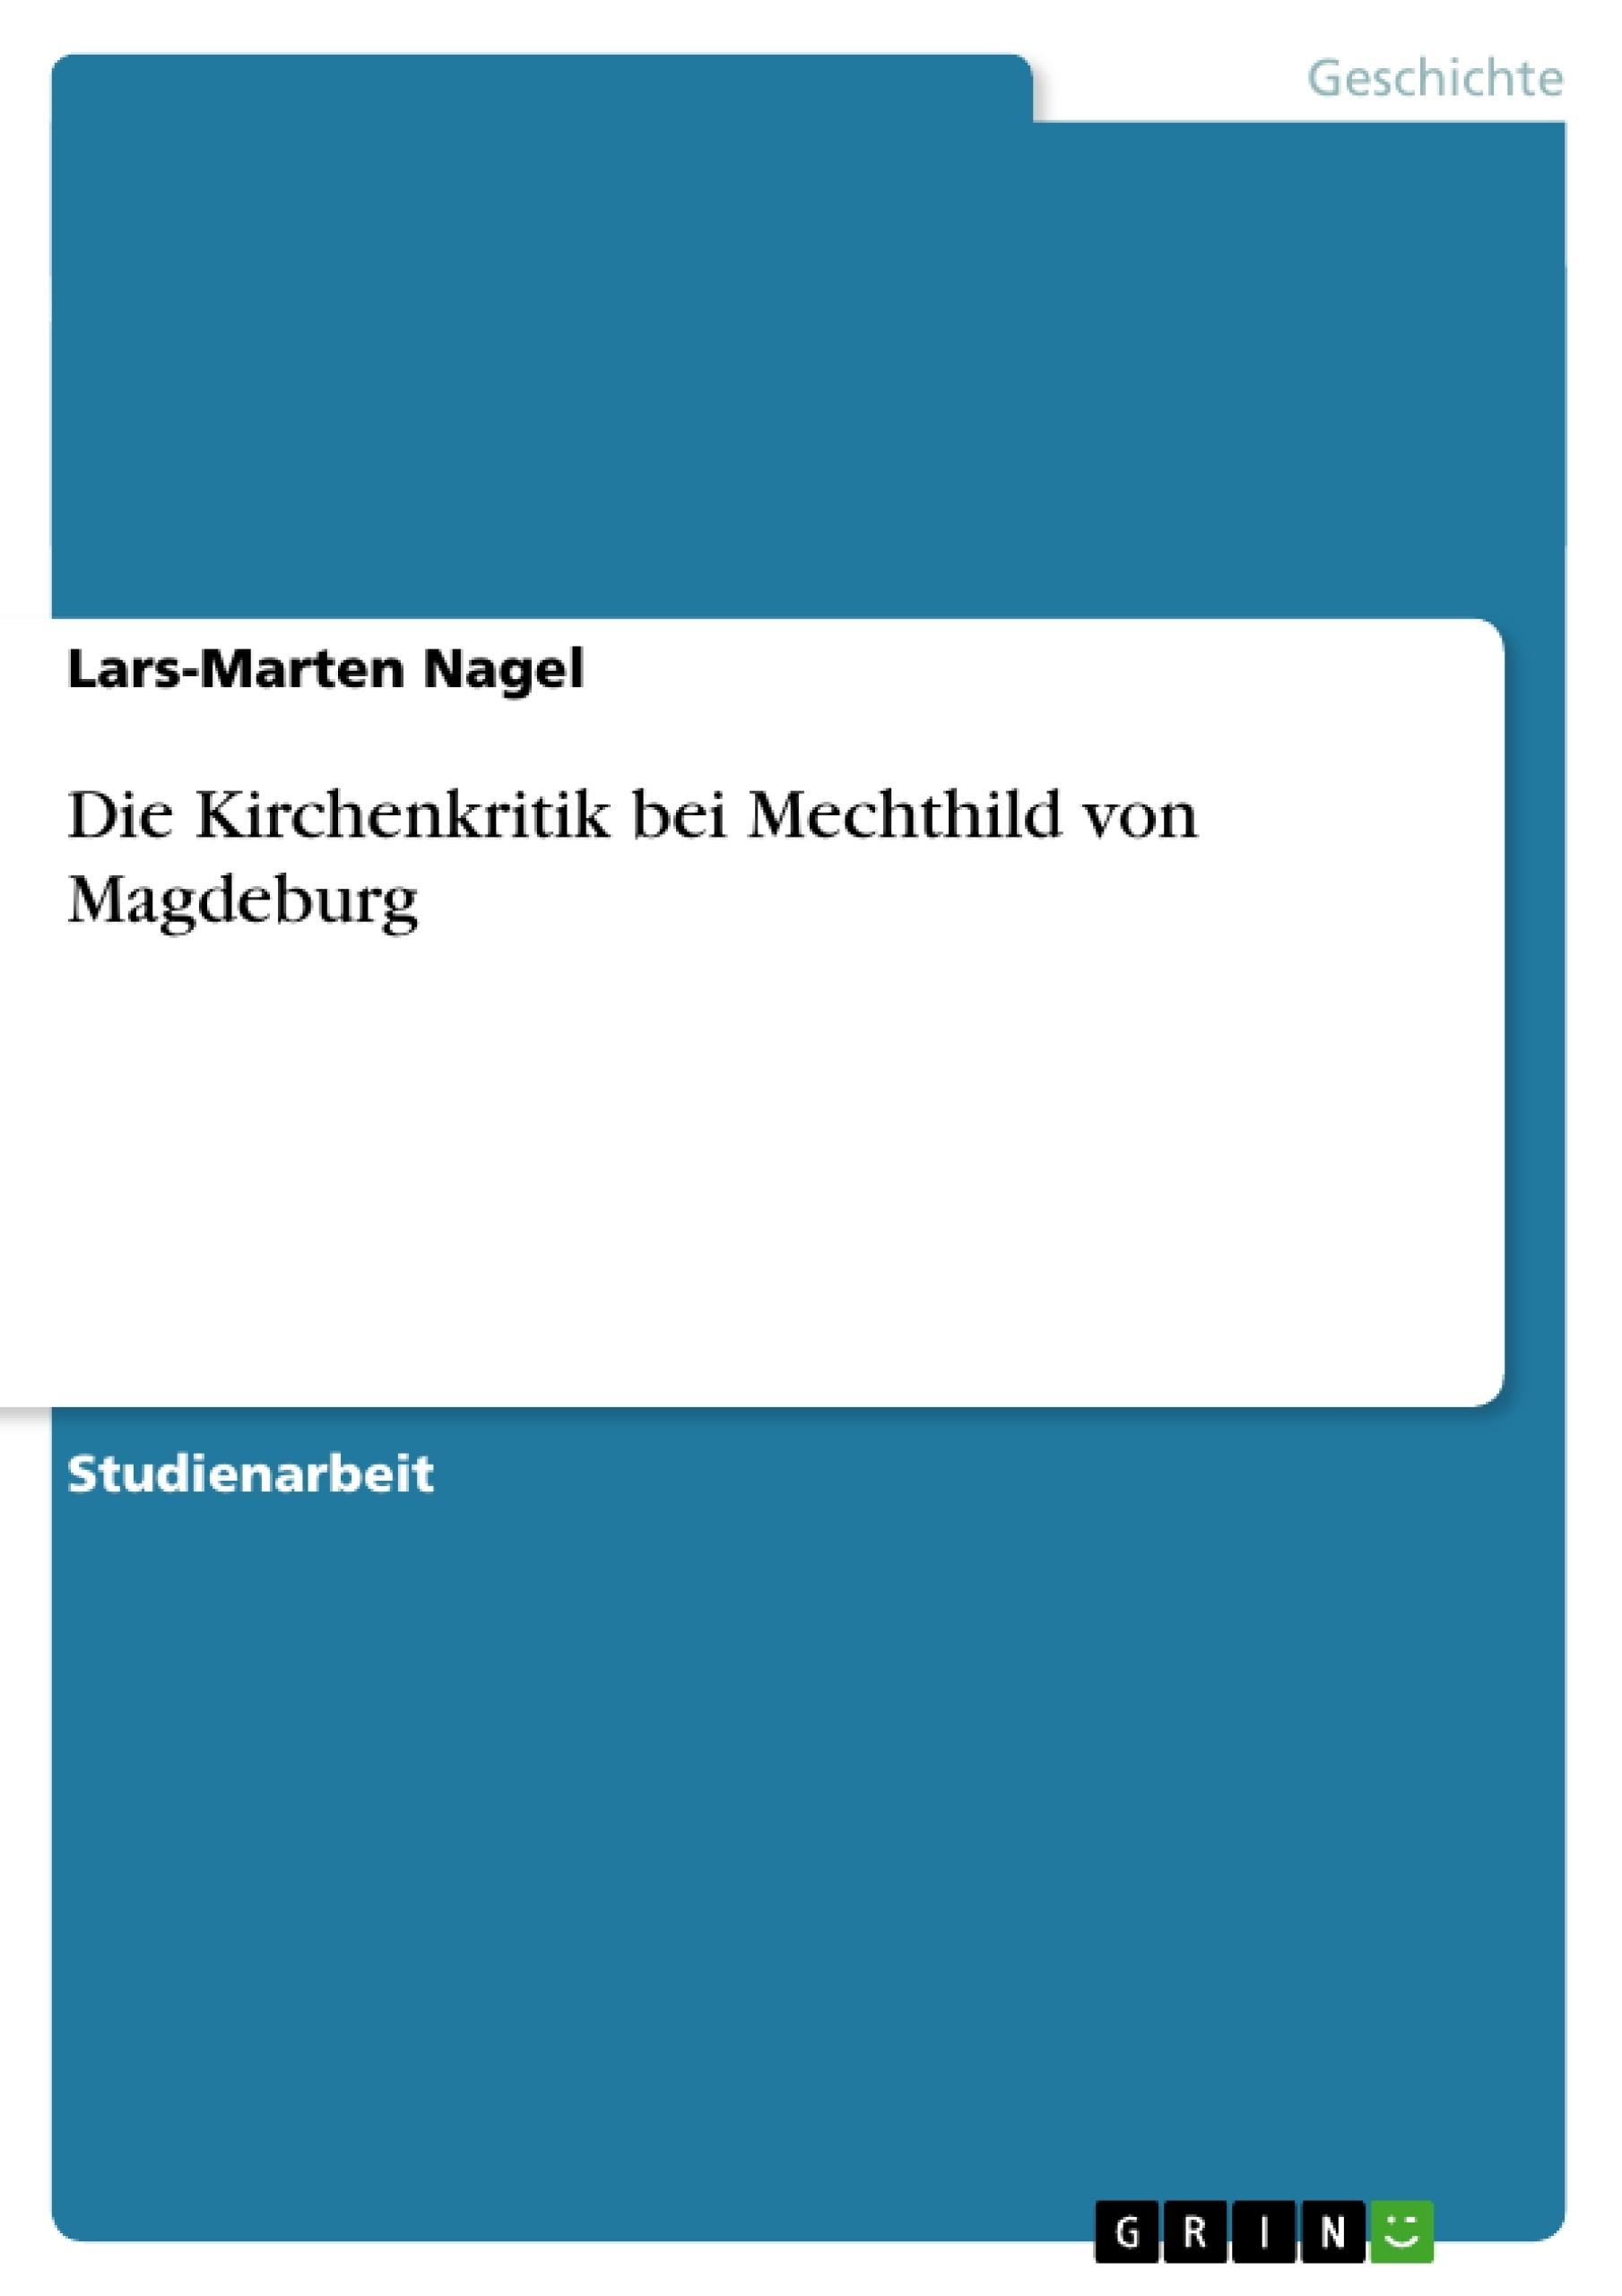 Titel: Die Kirchenkritik bei Mechthild von Magdeburg